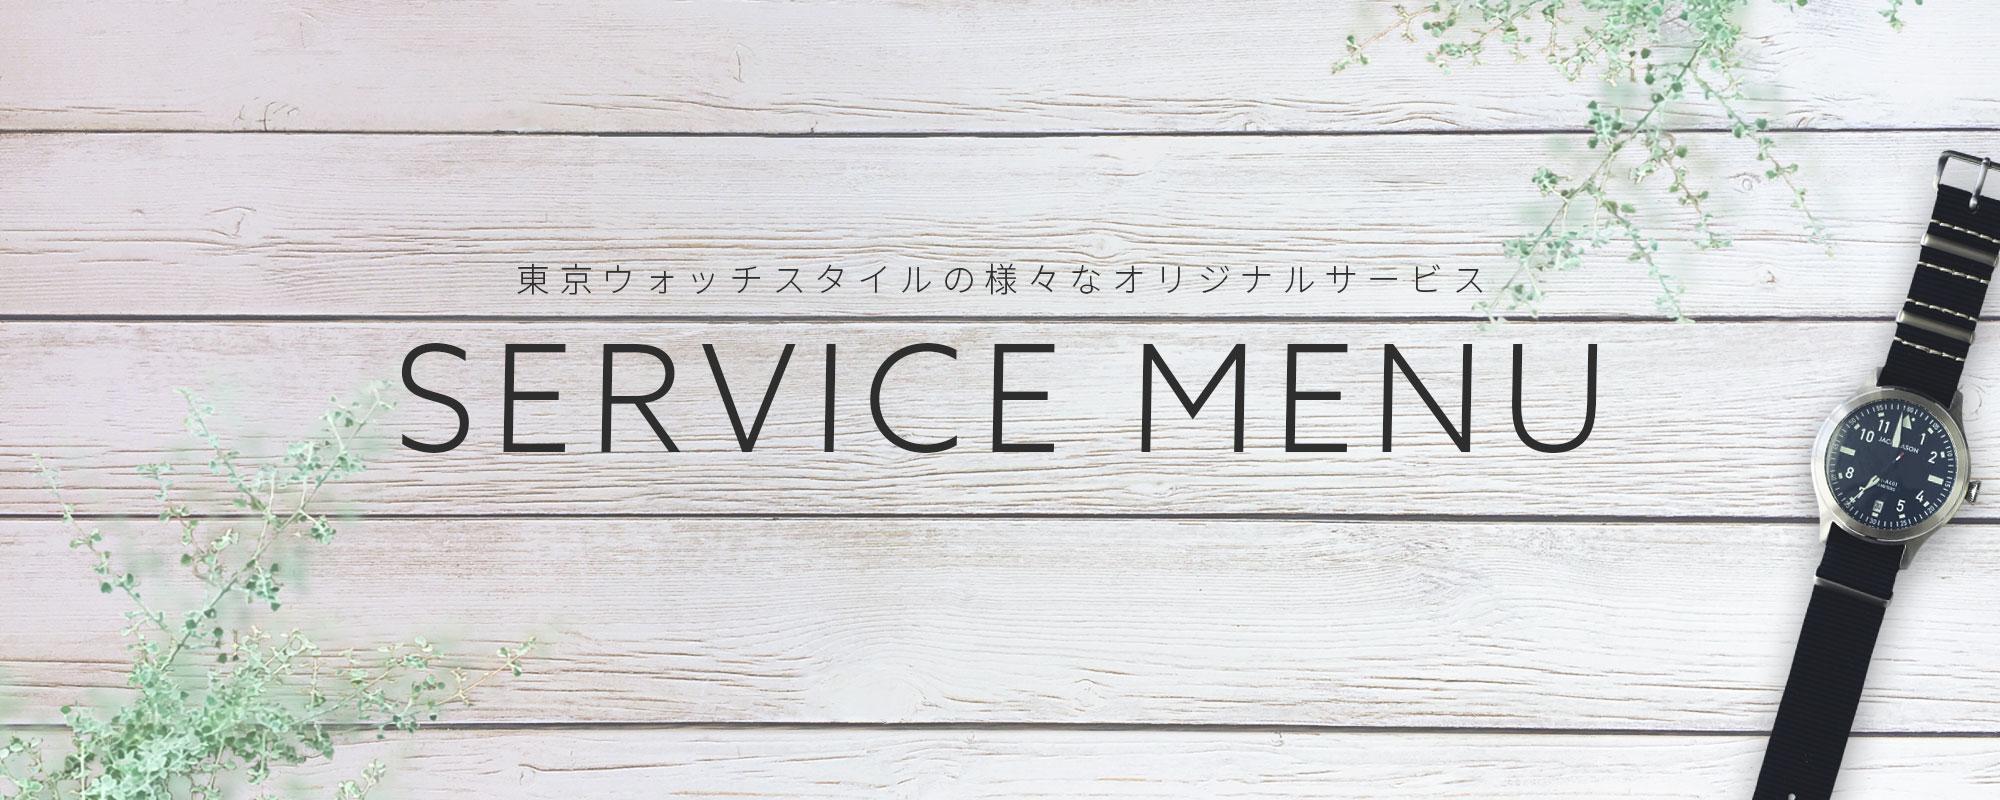 東京ウォッチスタイル サービスメニュー